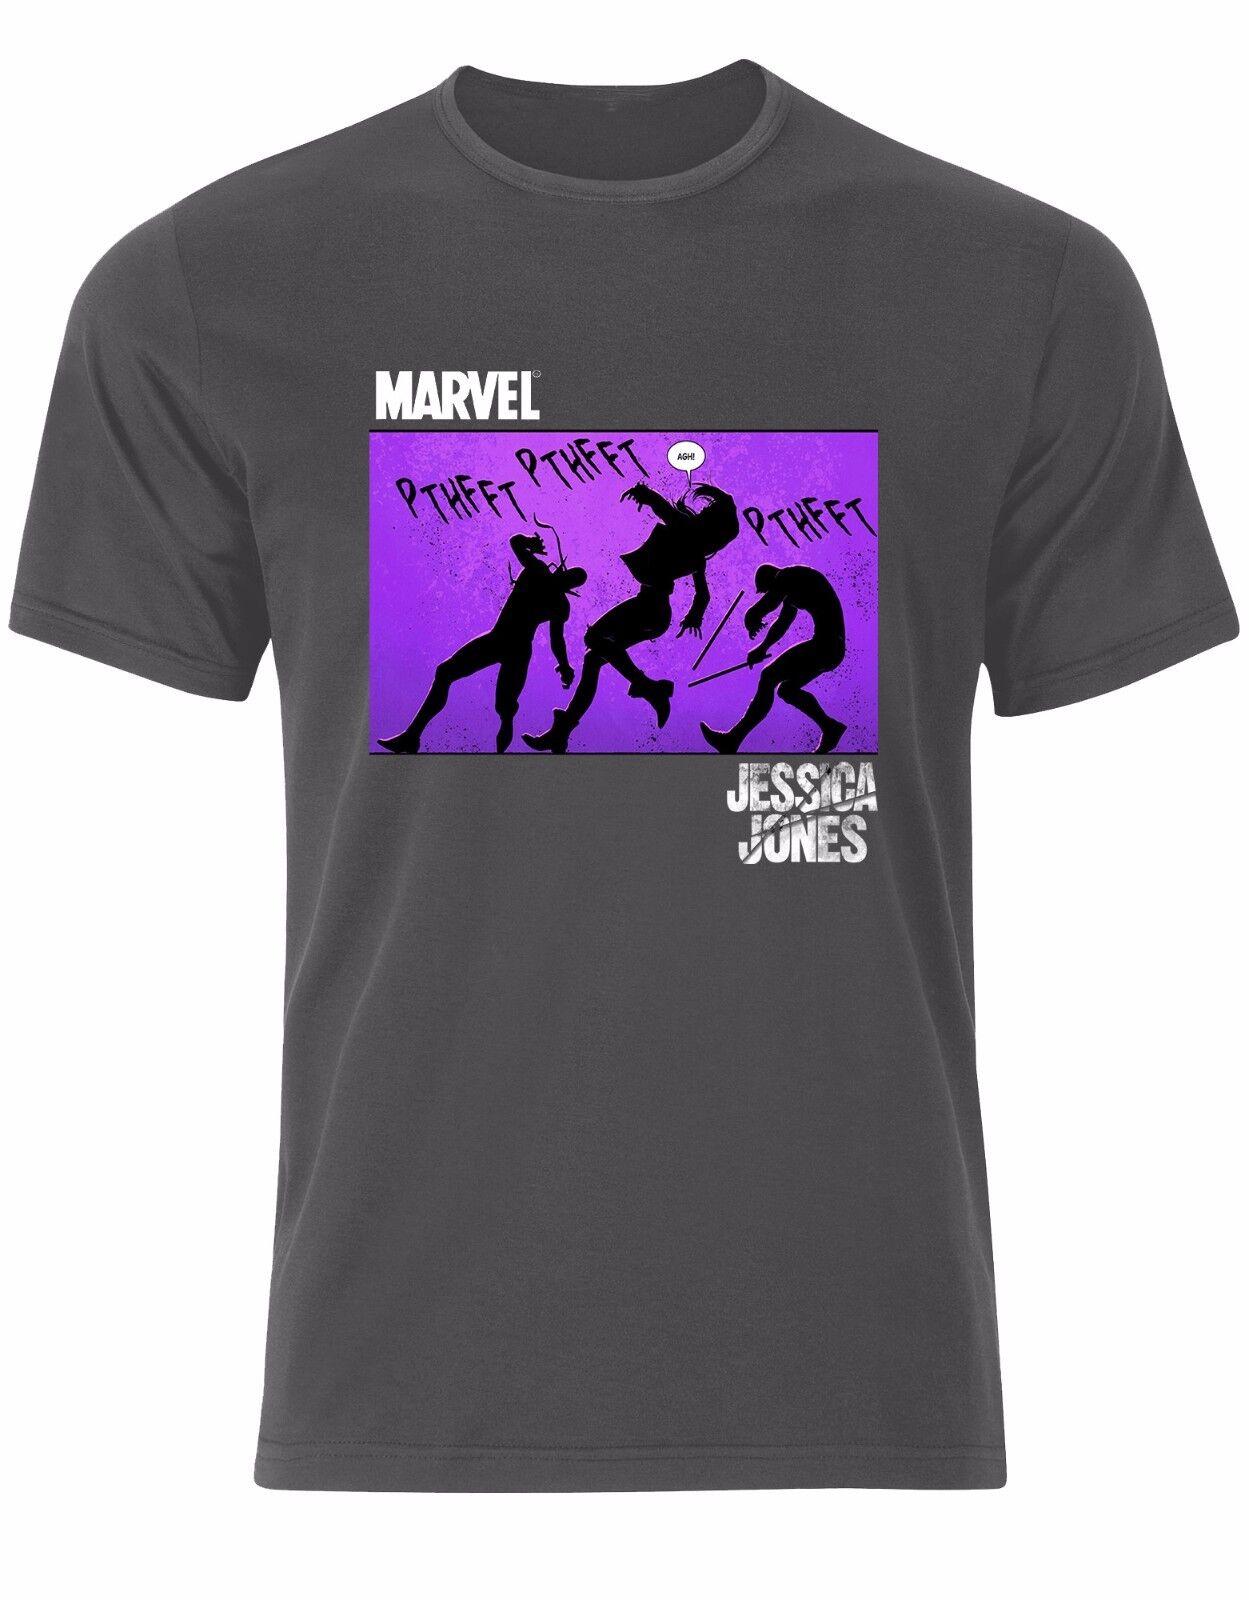 Jessica DC Jones Defenders Marvel DC Jessica Comics Super héros HOMME T-shirt Tee Top AL41 fdc7d5